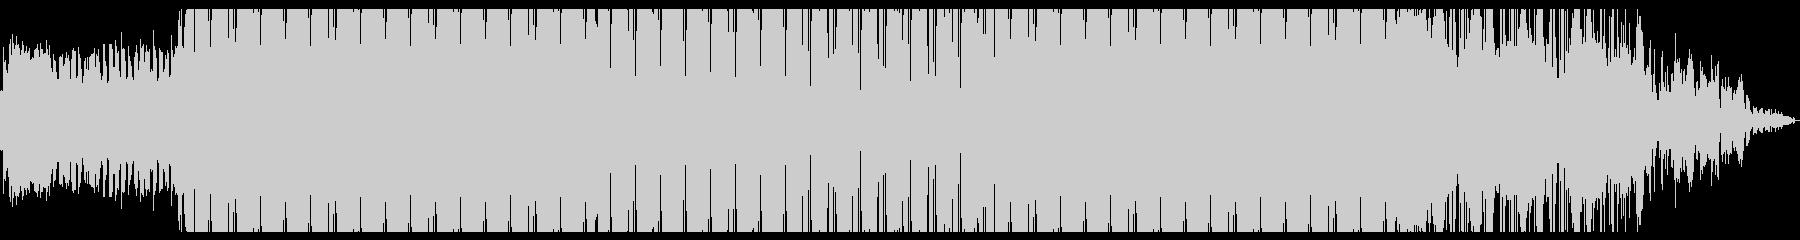 幻想的なエレクトロニカの未再生の波形